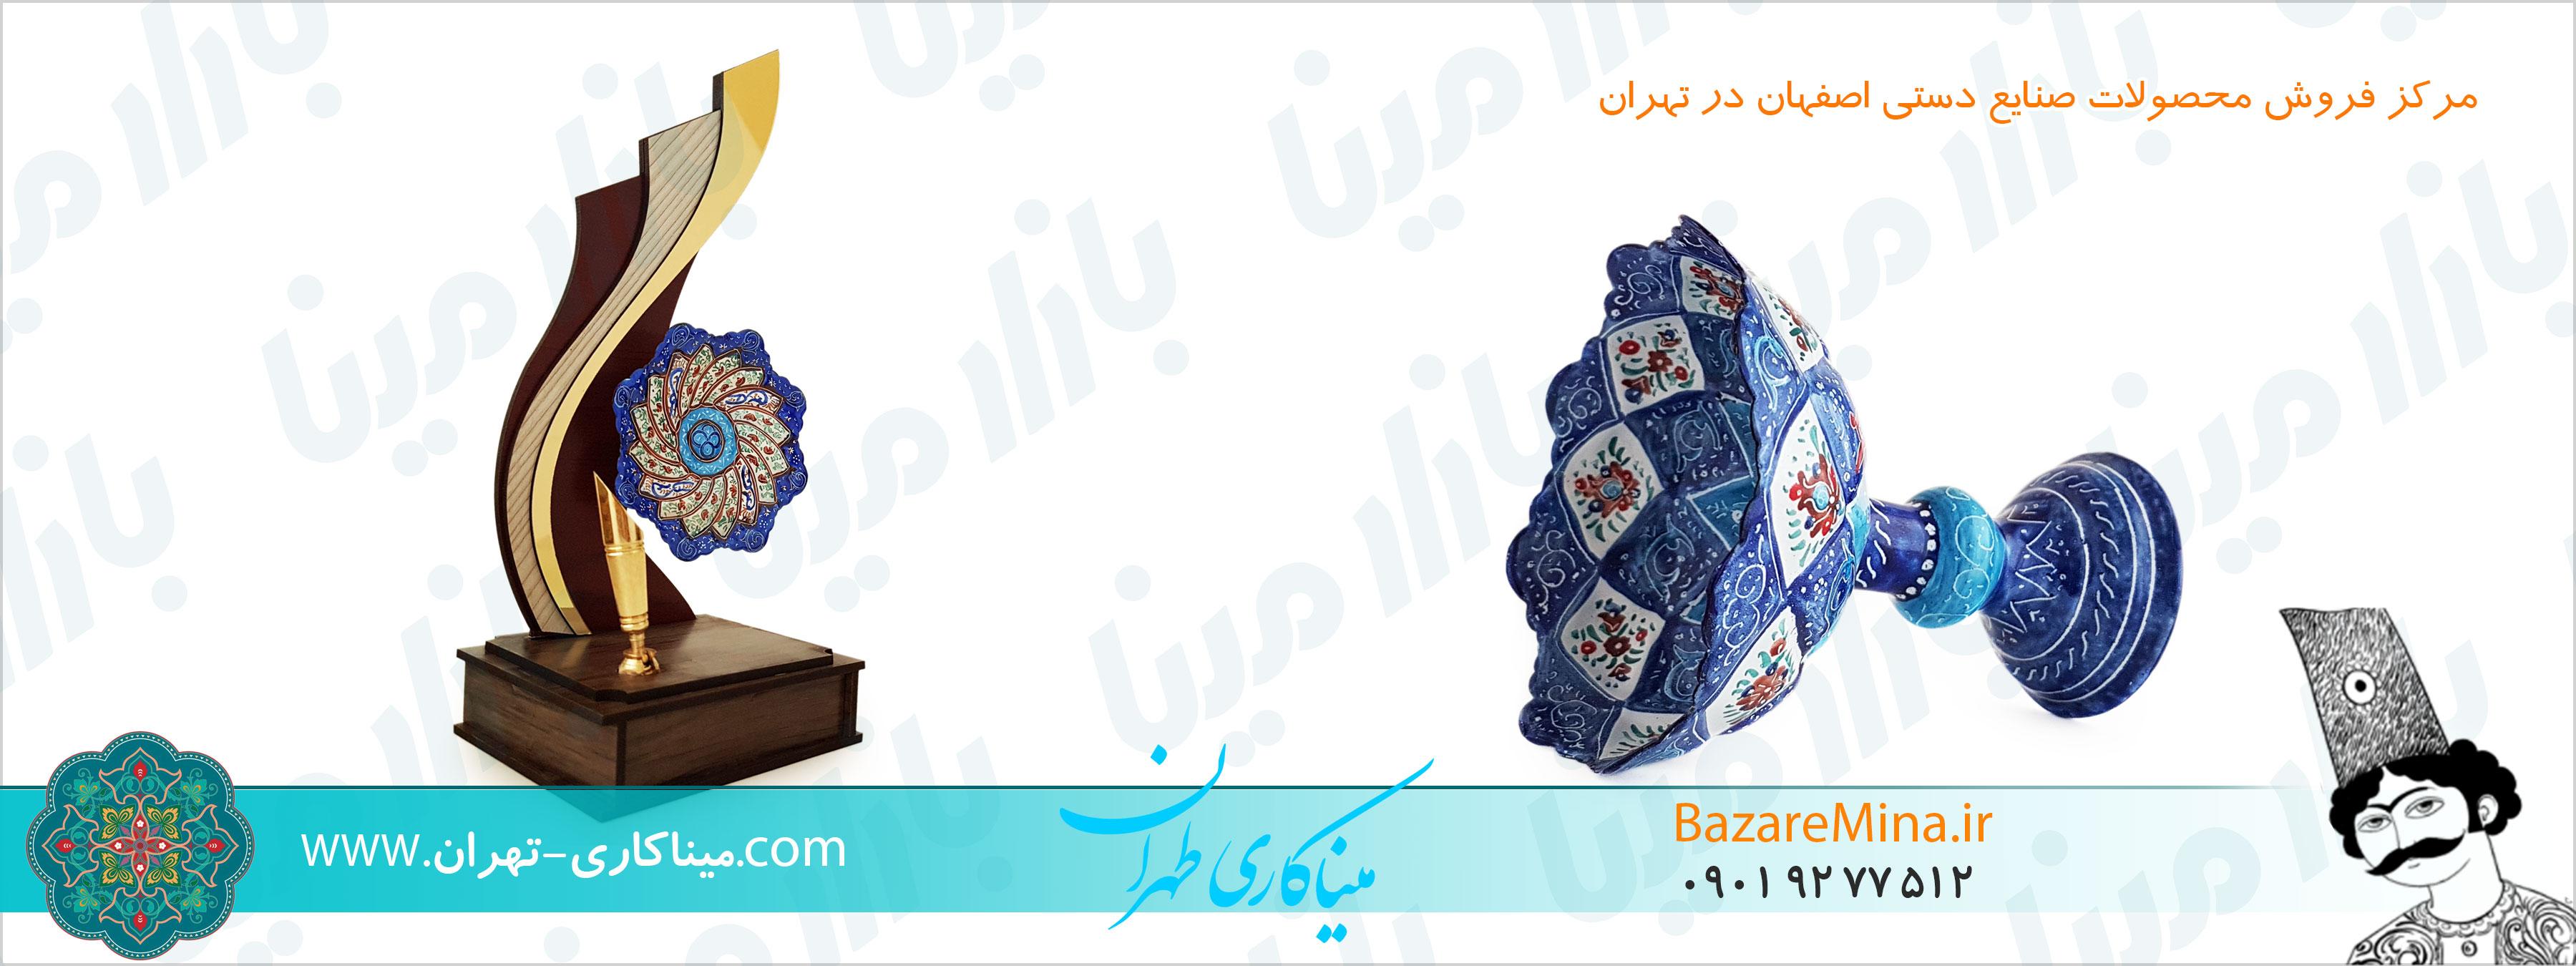 فروشگاه میناکاری تهران